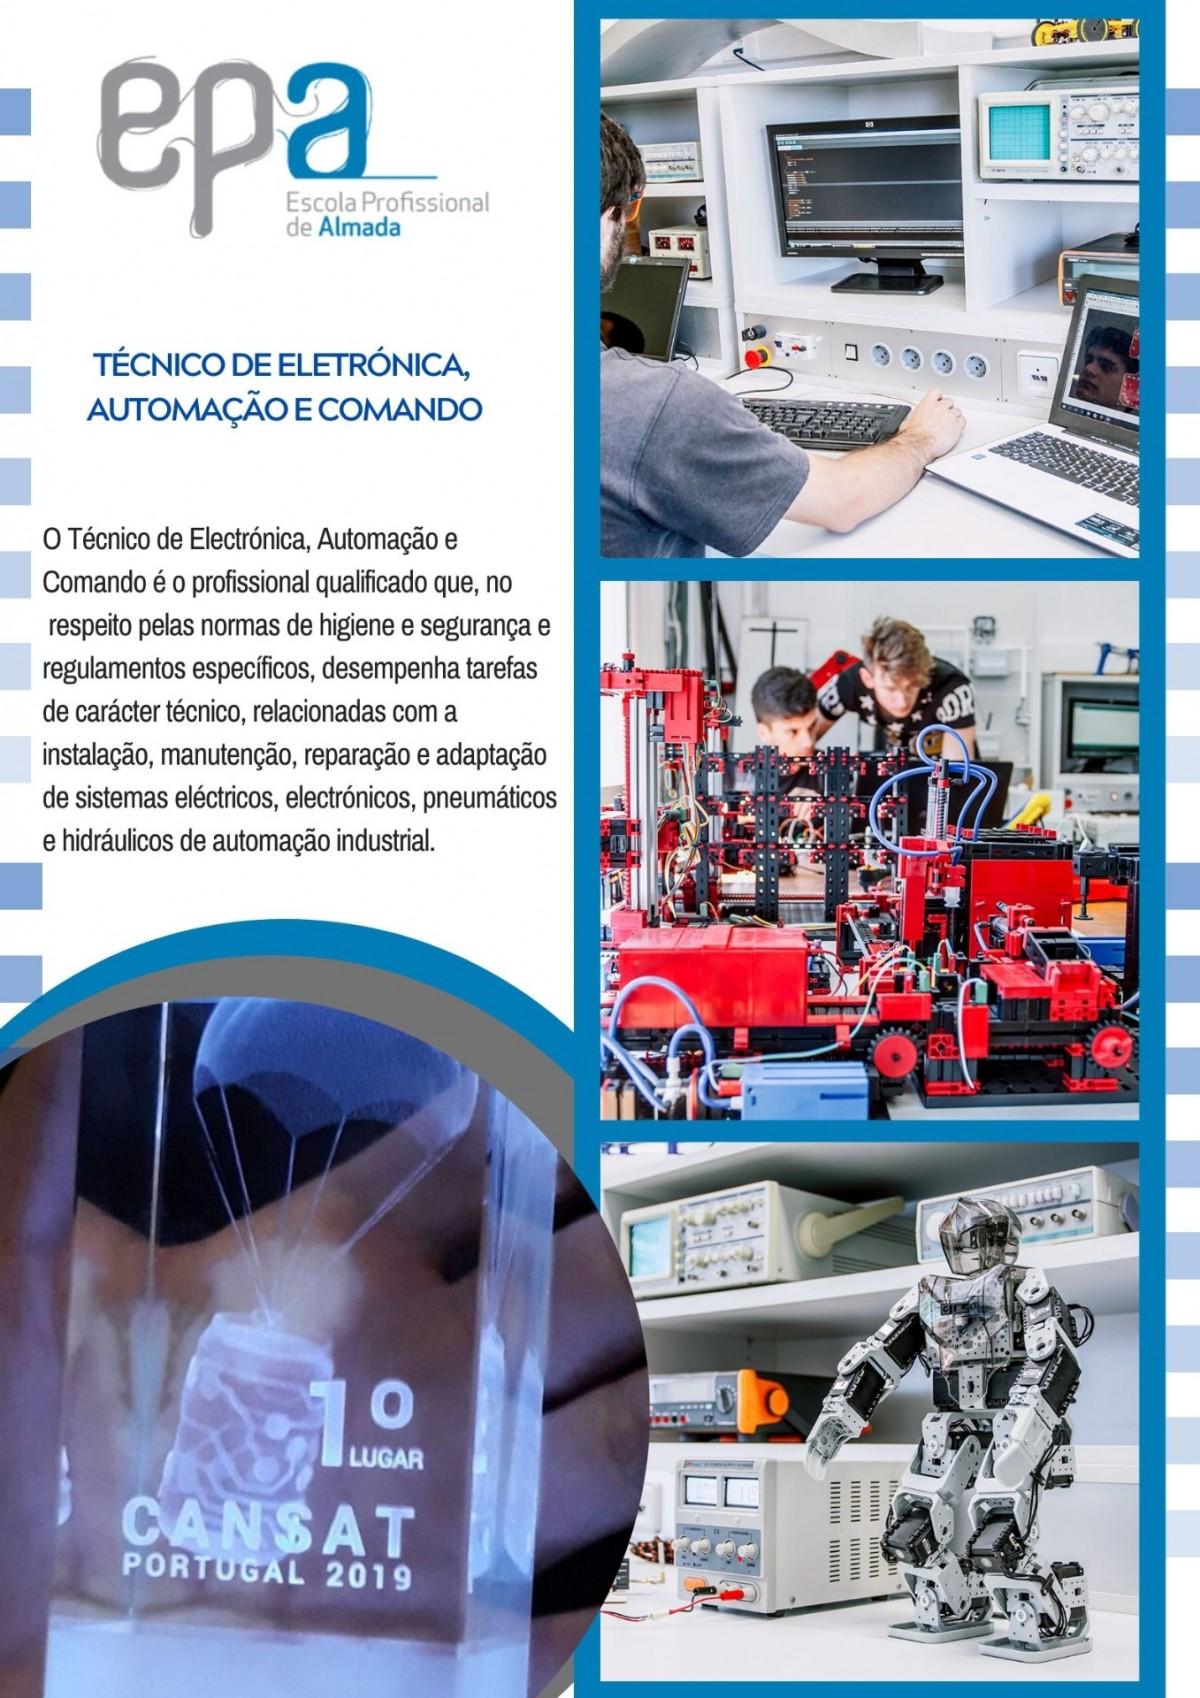 Técnico de Eletrónica, Automação e Comando